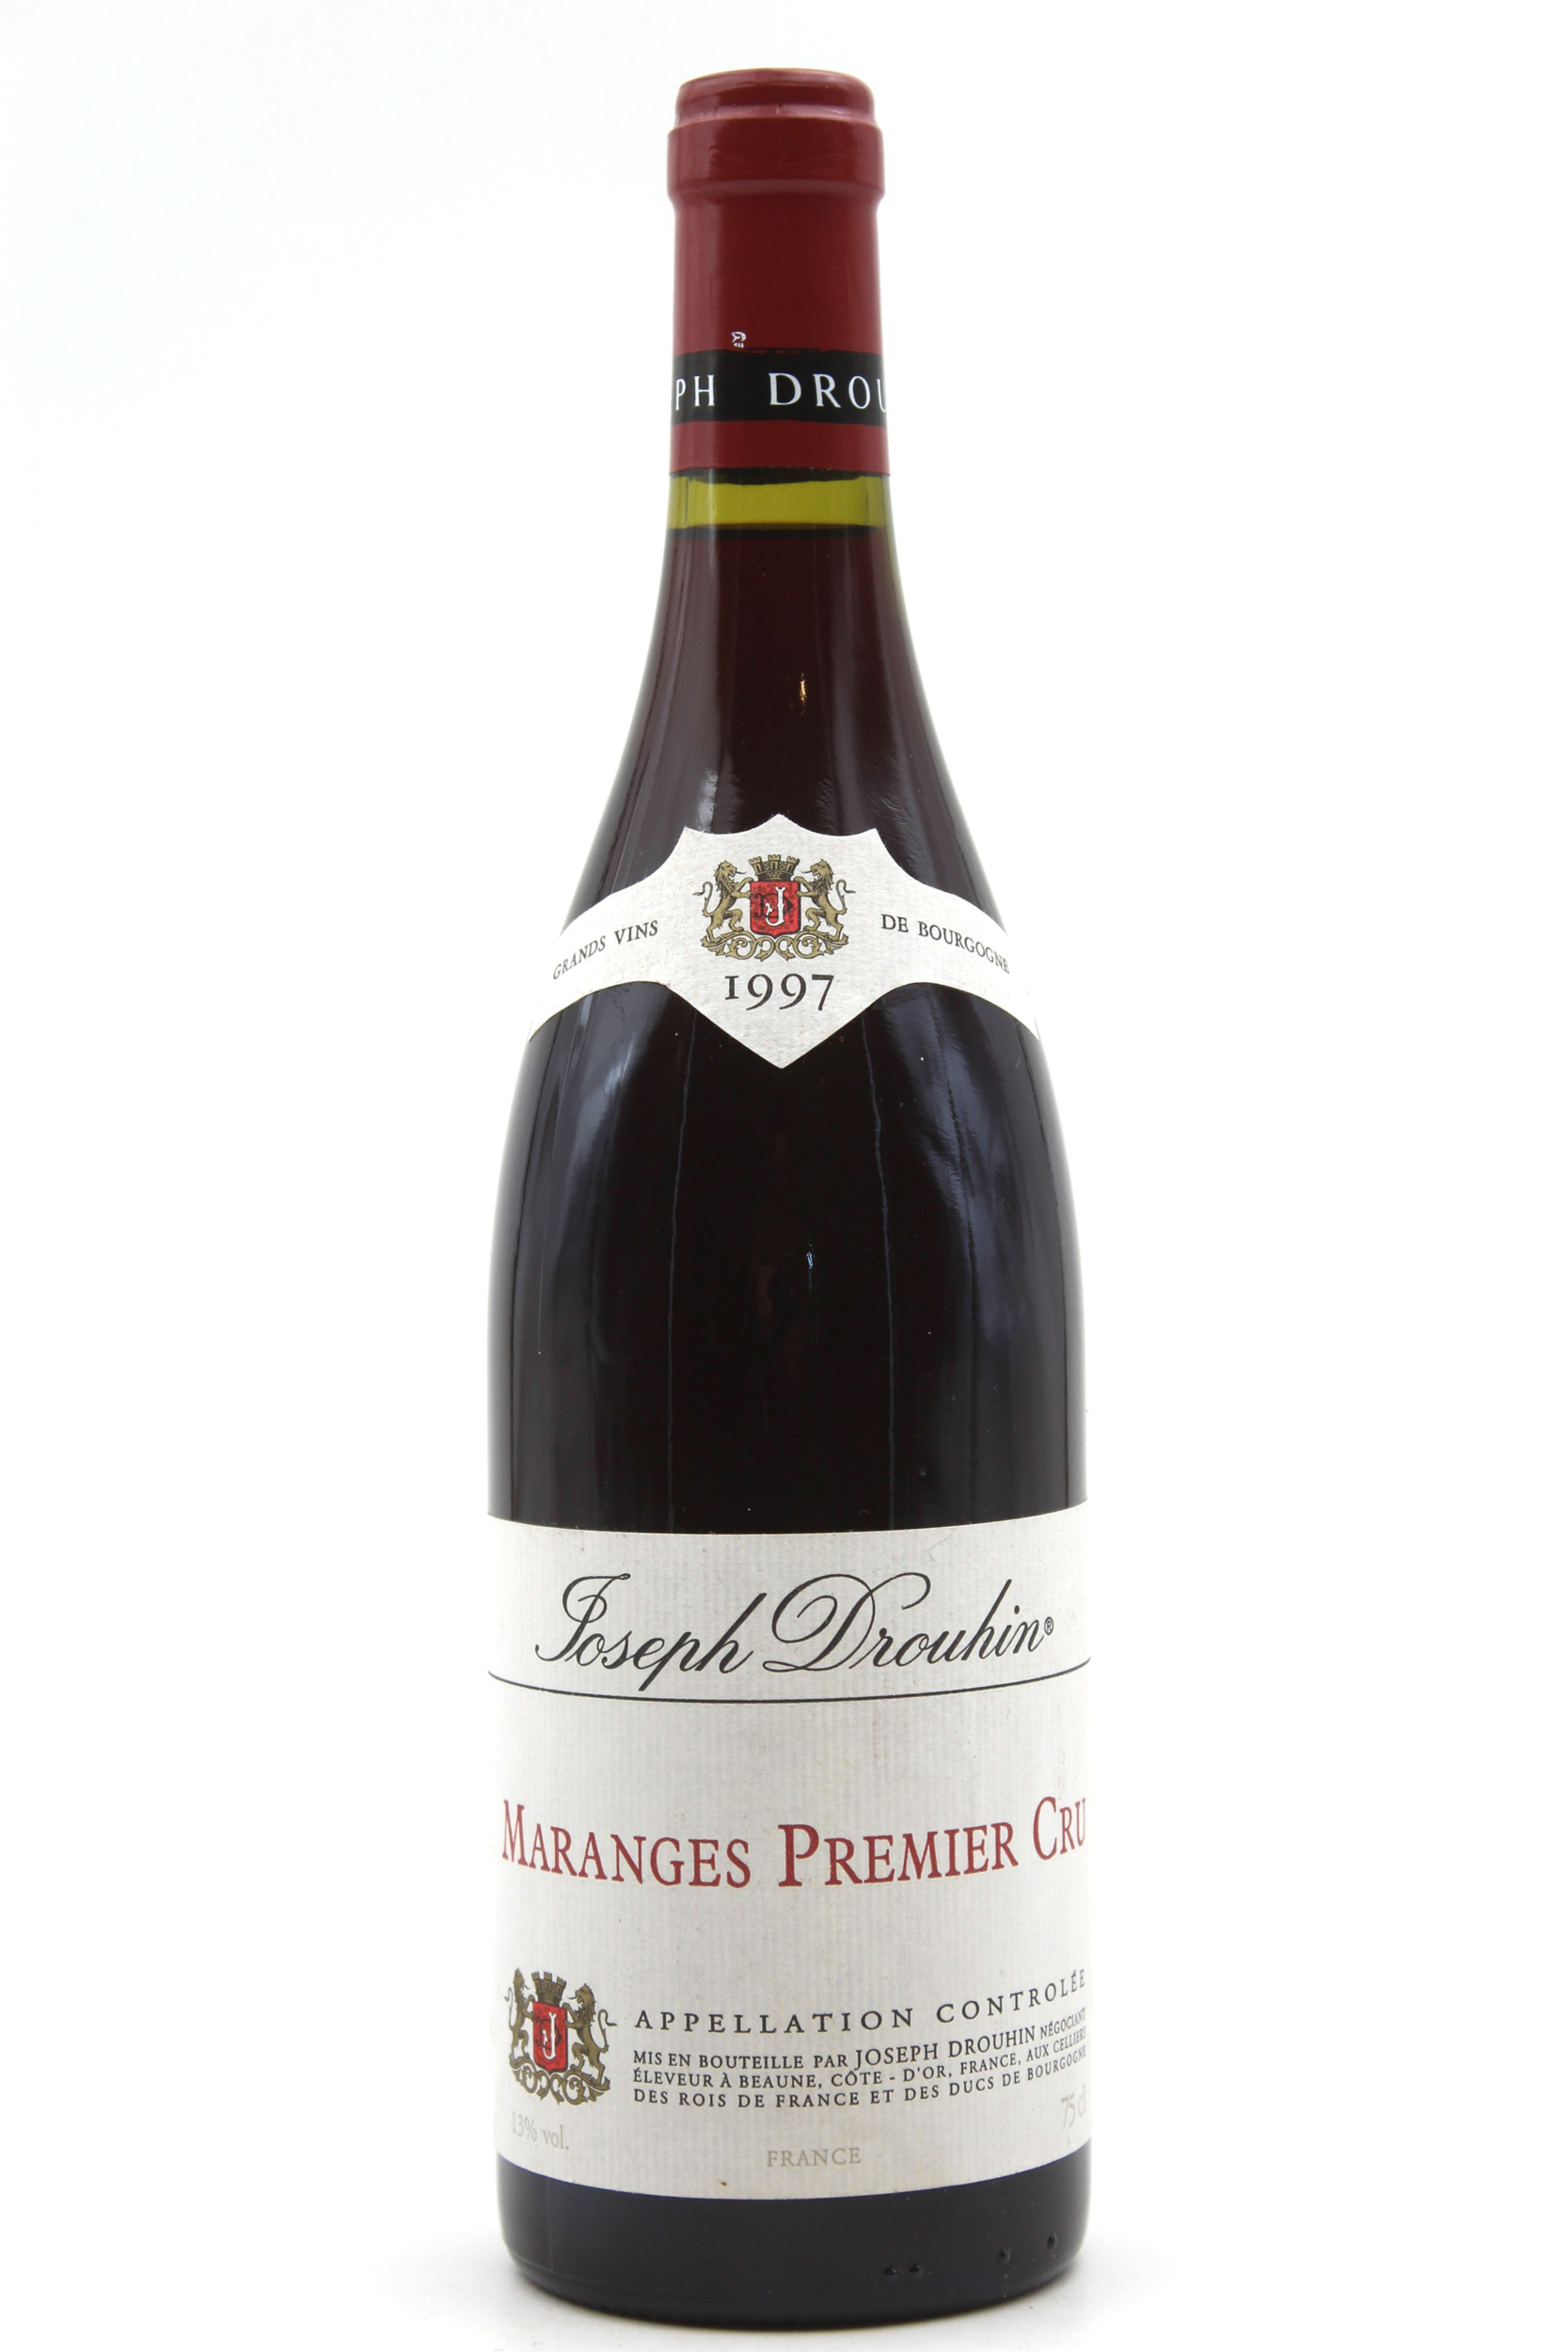 Maranges Premier Cru 1997 - Joseph Drouhin - Rouge - AOC - 75cl